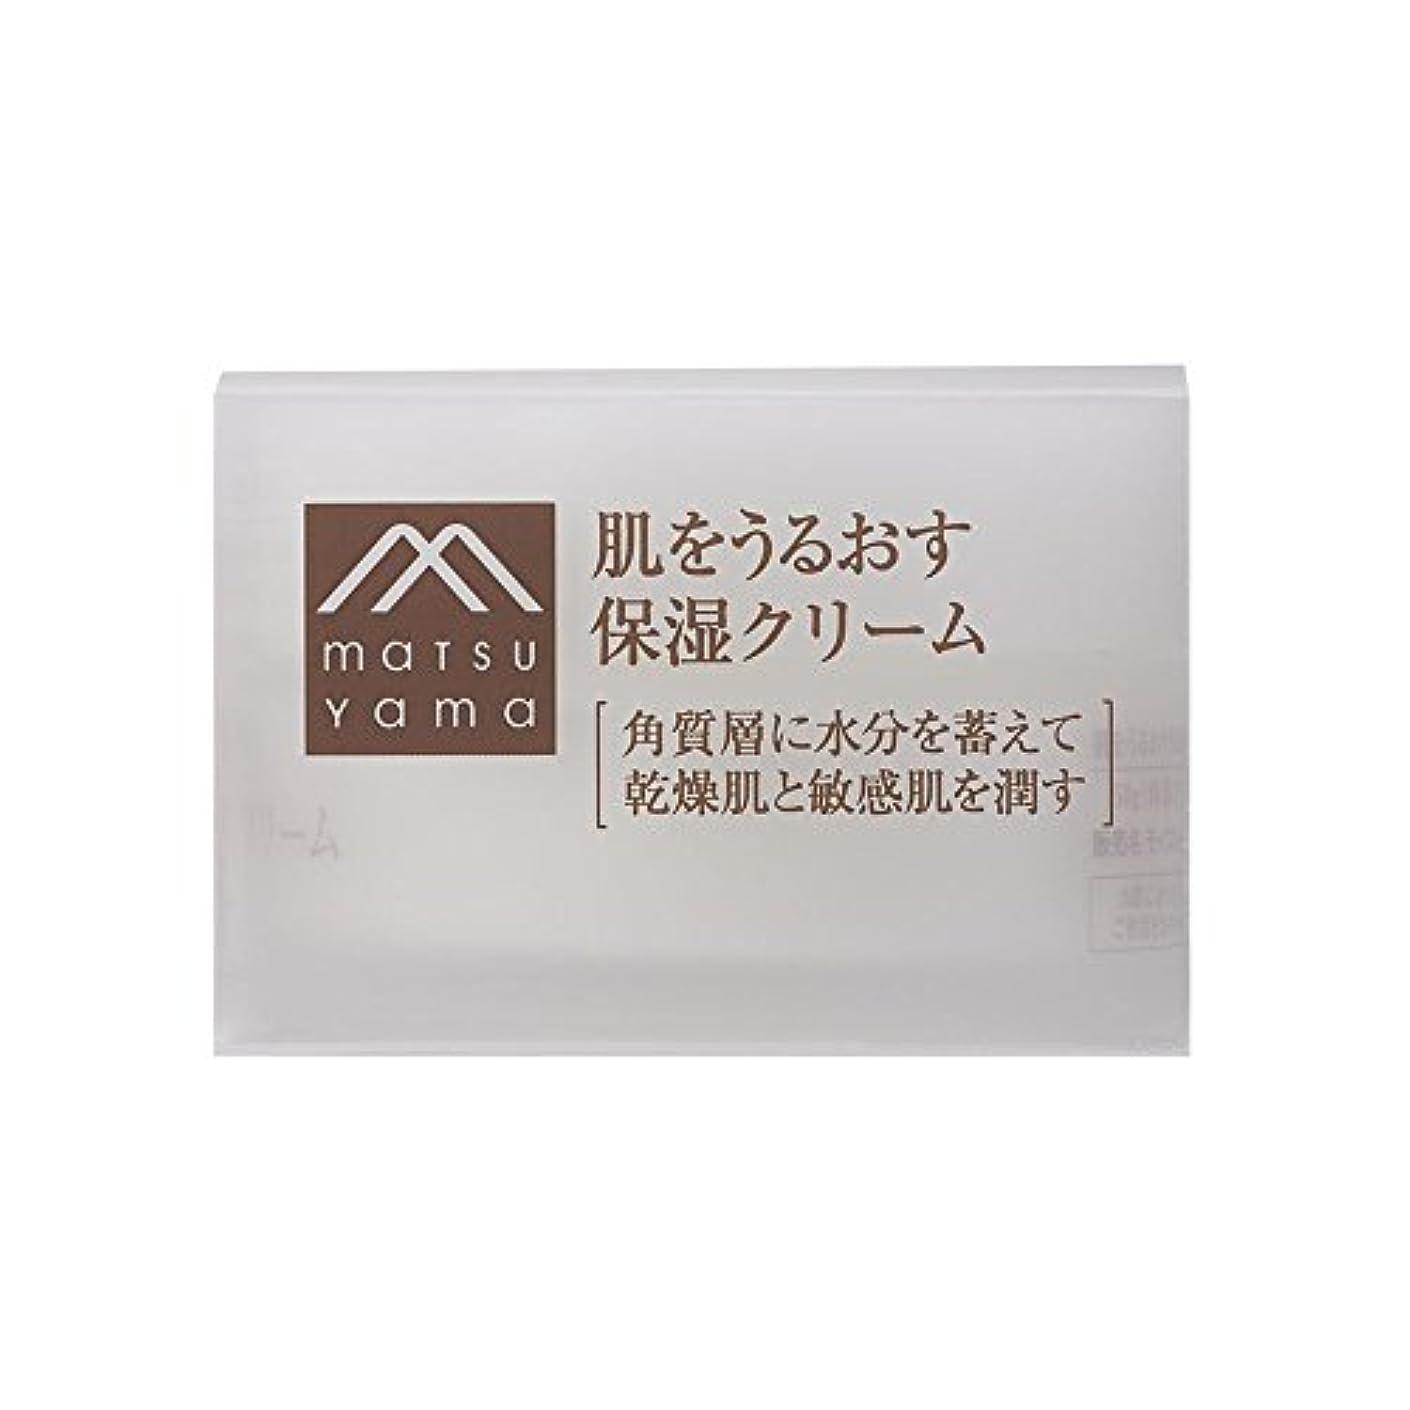 製造中世の神学校肌をうるおす保湿クリーム(クリーム) 濃厚クリーム [乾燥肌 敏感肌]